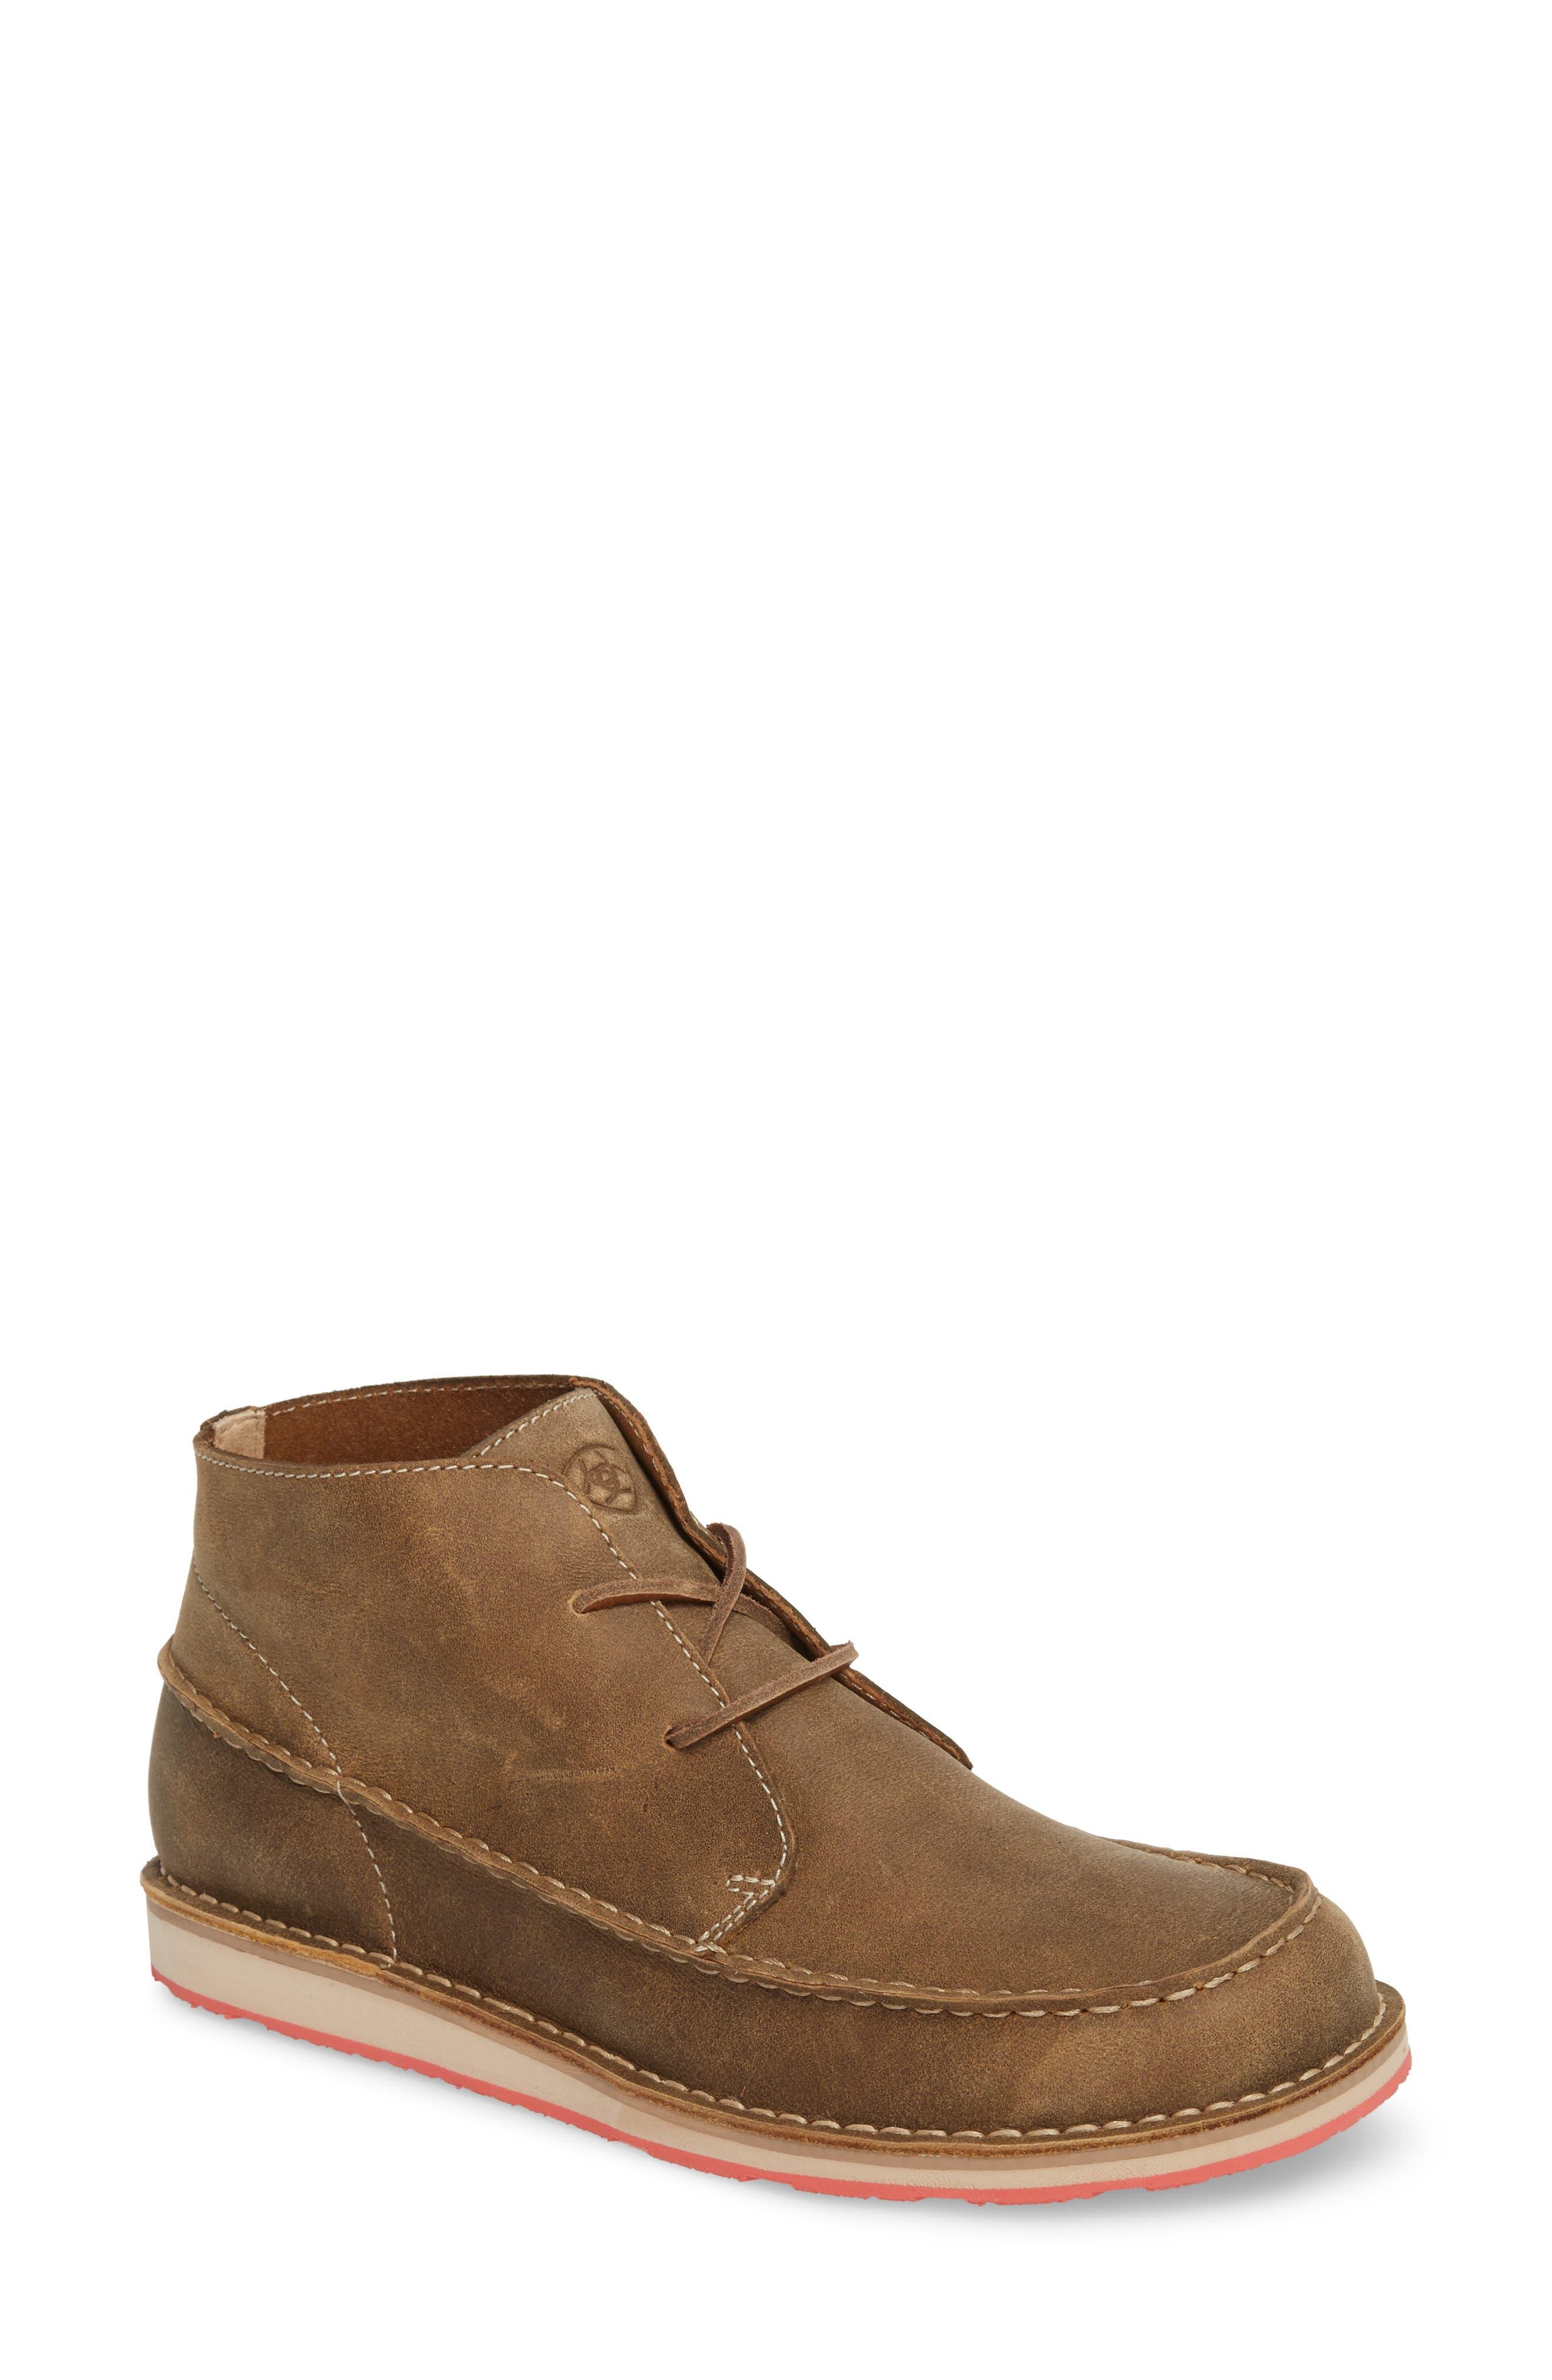 Ariat Cruiser Chukka Boot, Brown